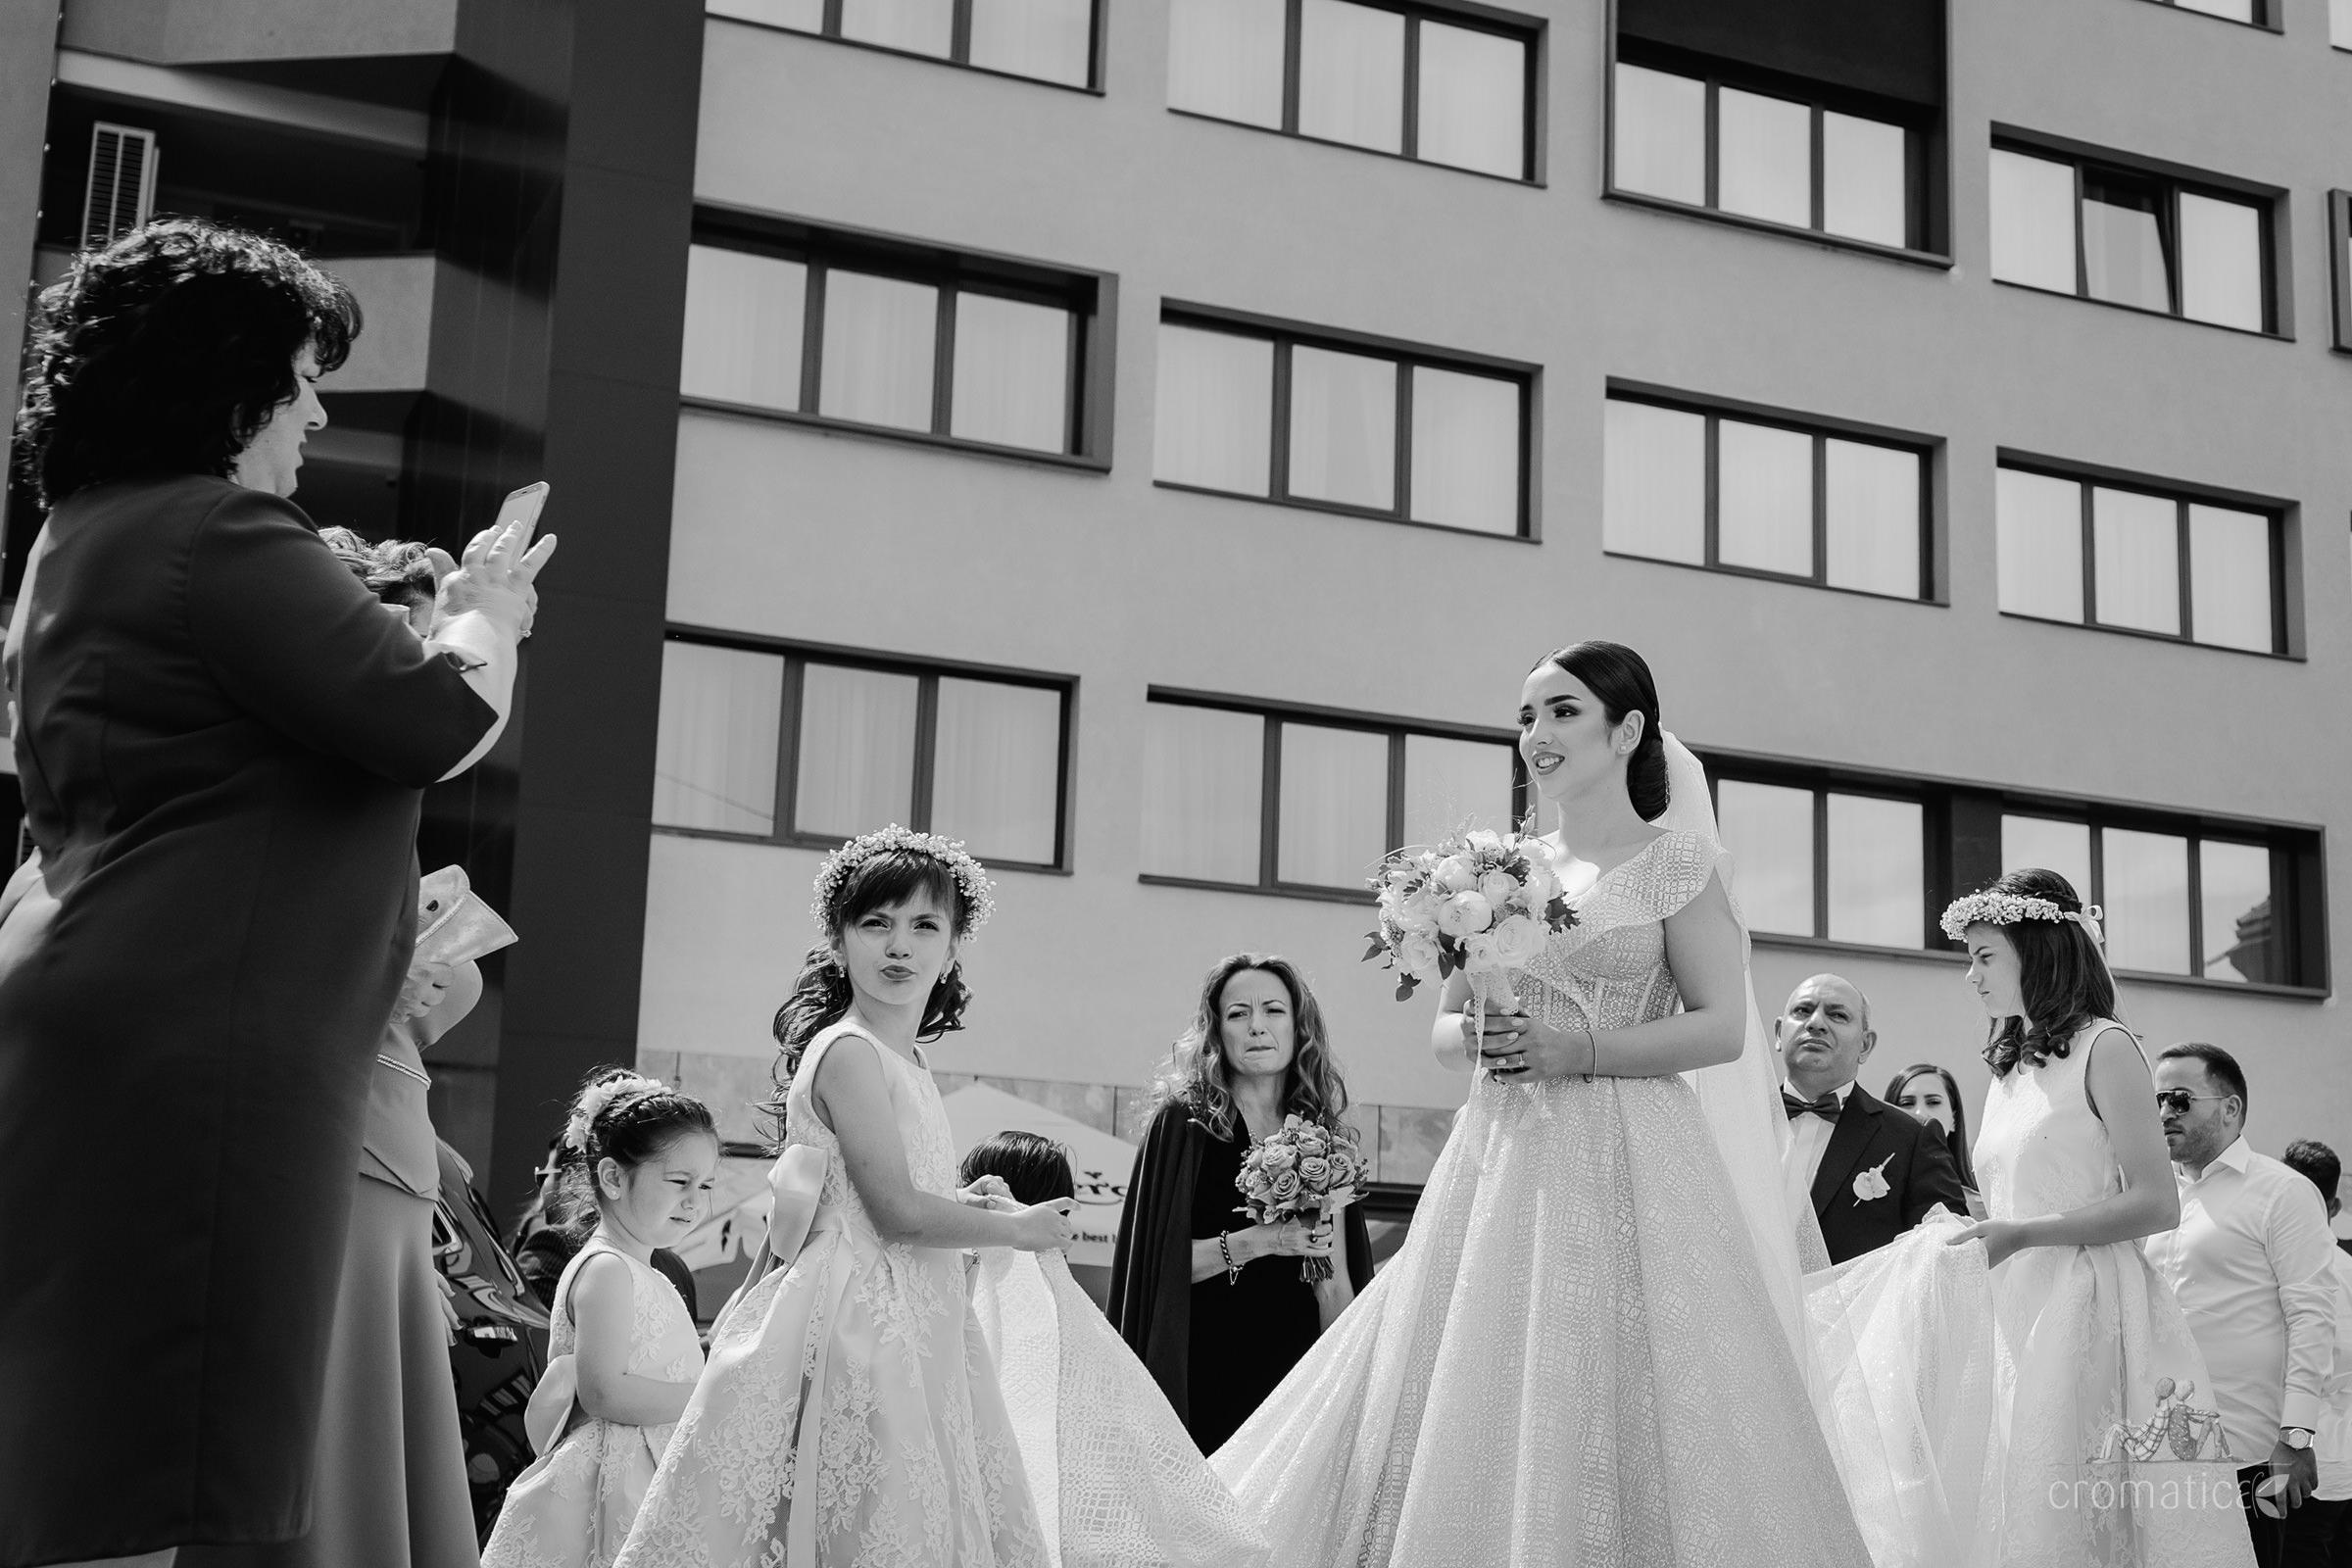 oana alex fotografii nunta rm valcea 021